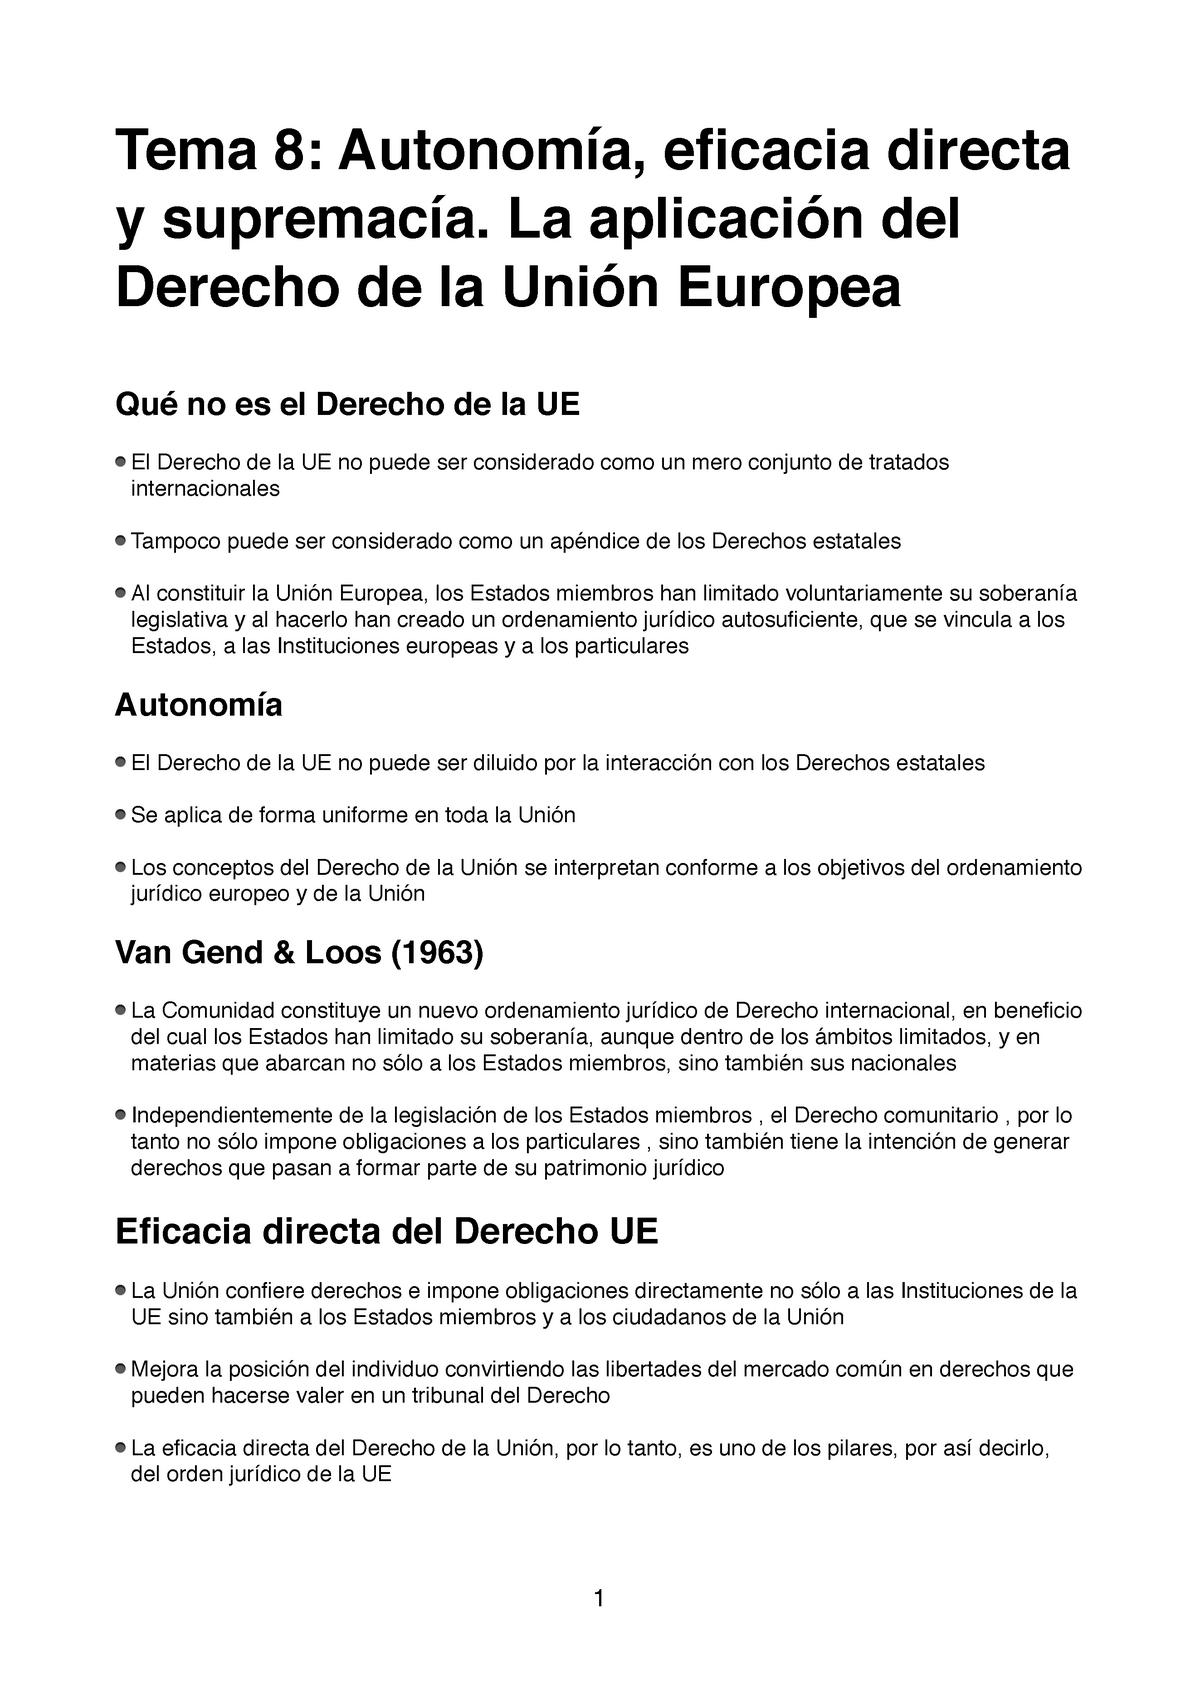 Tema 8 Teresa Y Aday Derecho De La Unión Europea Uvigo